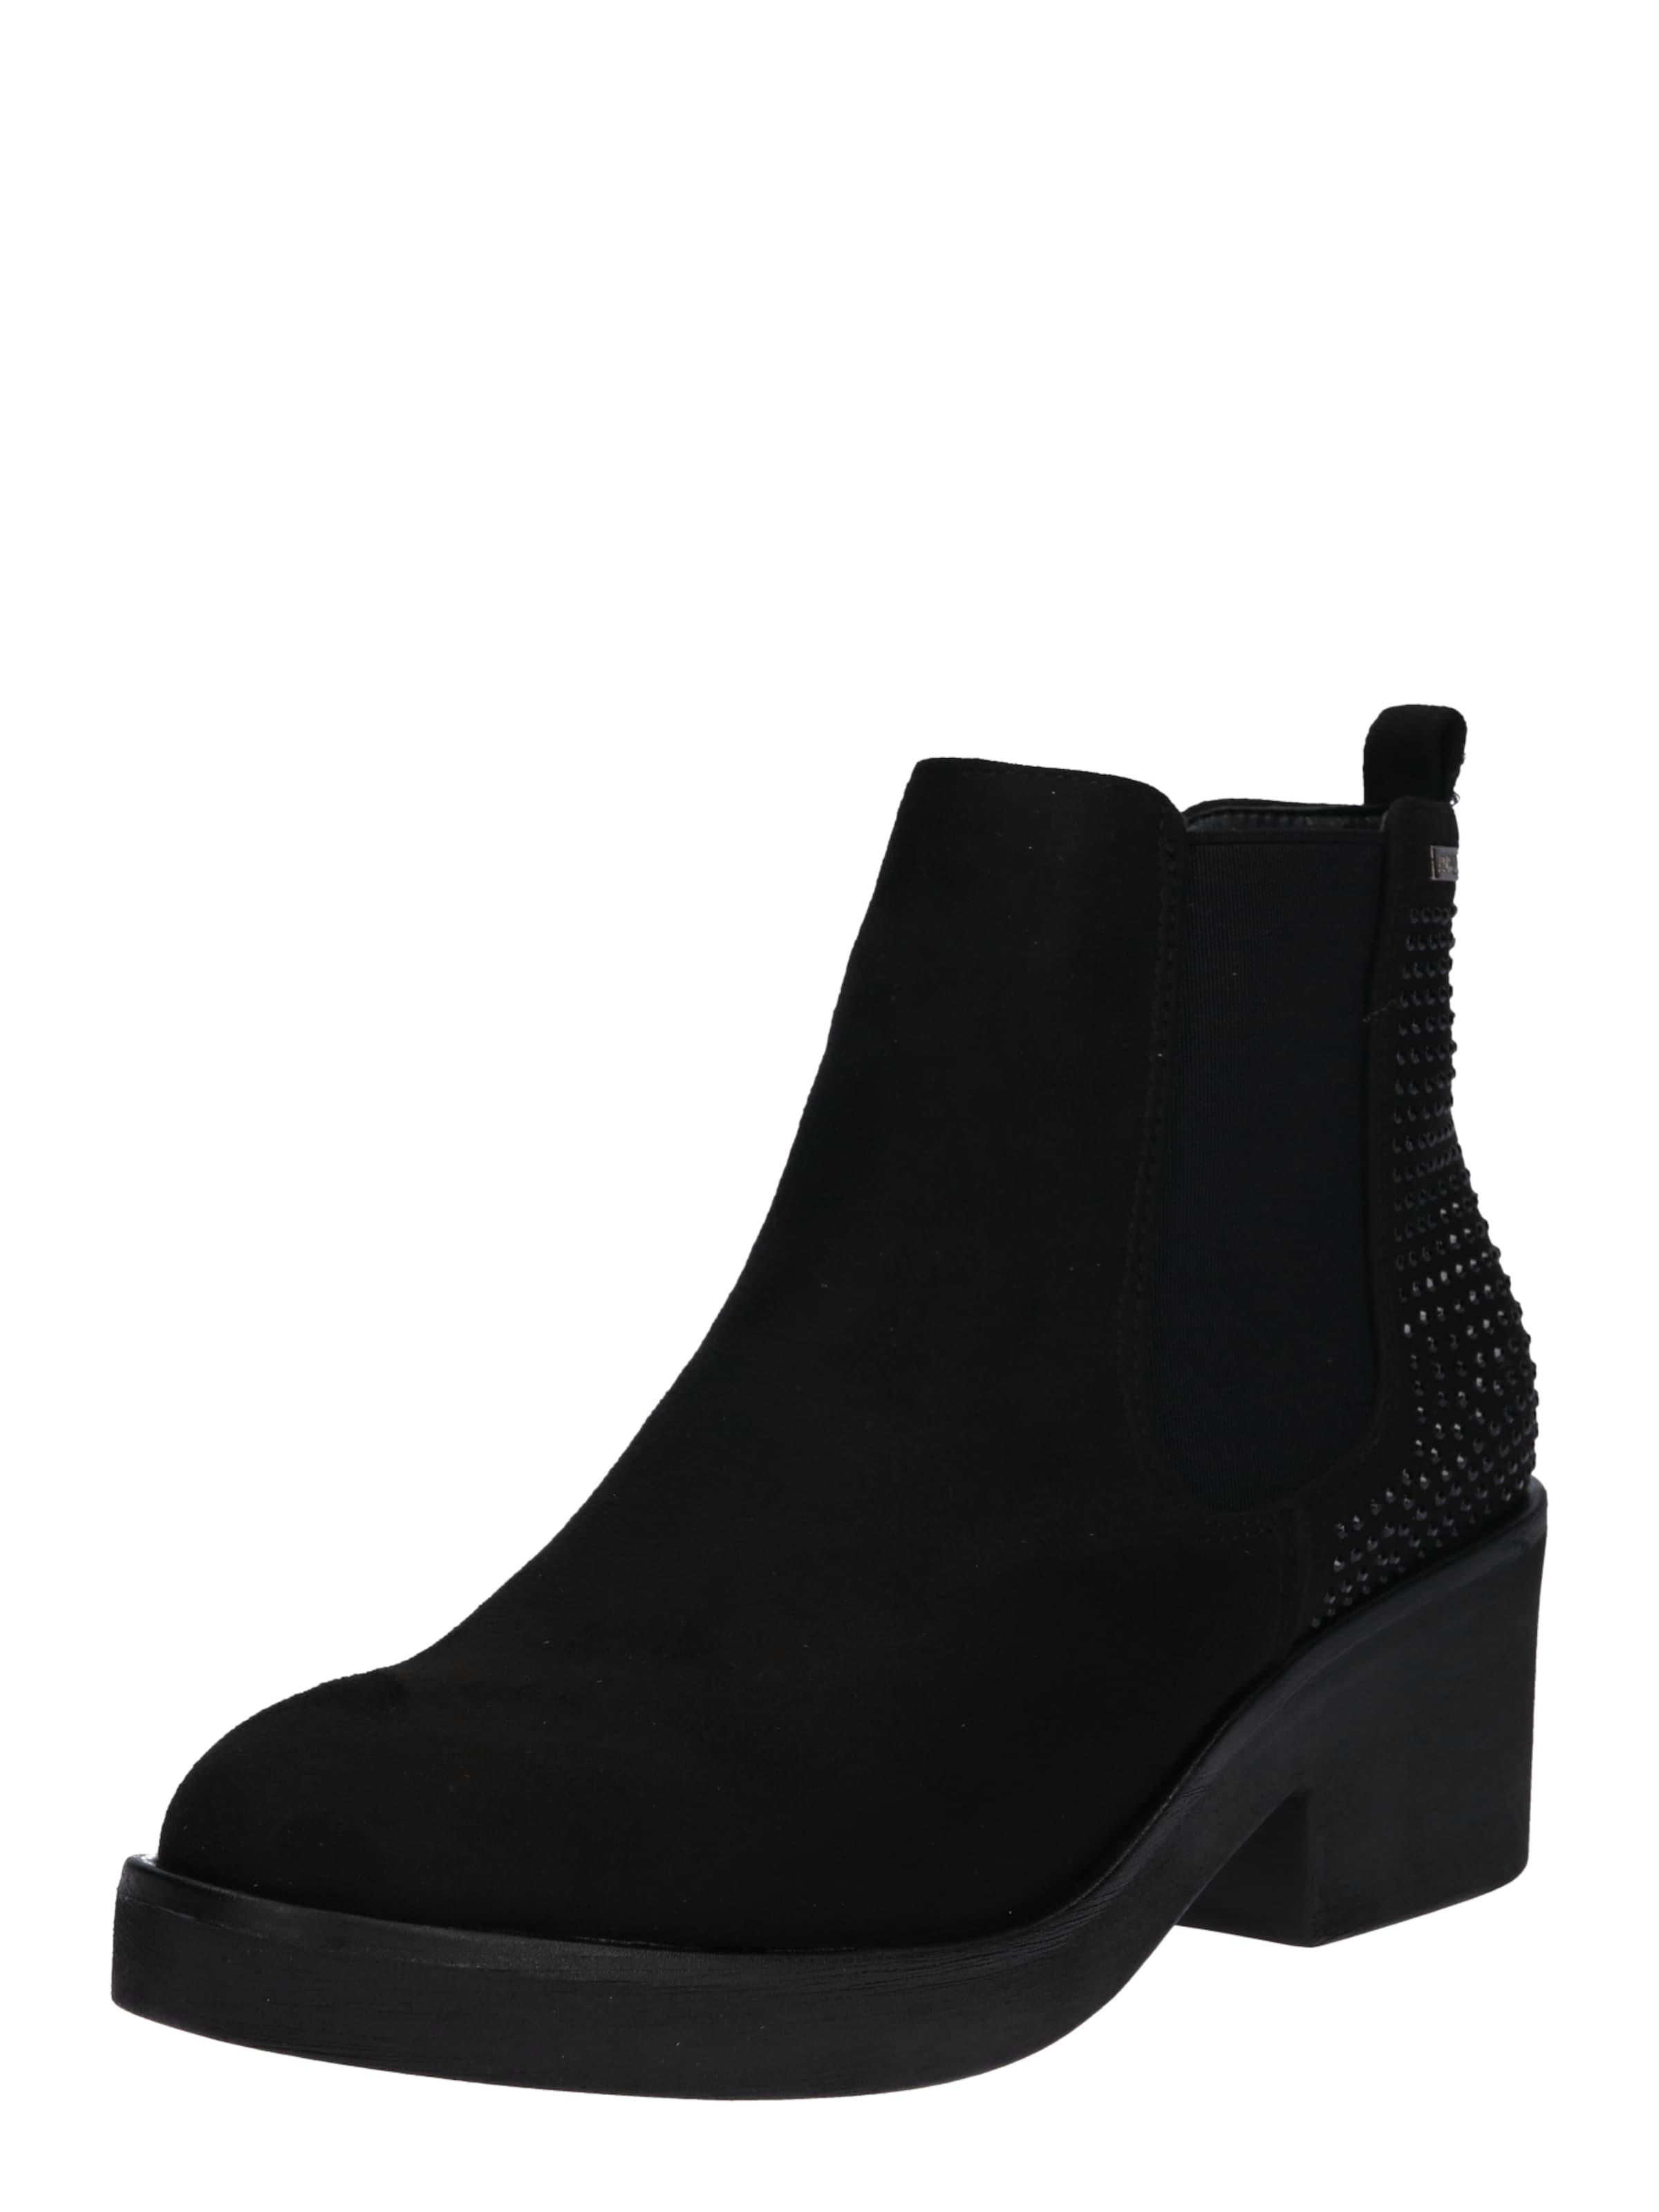 MTNG Stiefelette Günstige und langlebige Schuhe